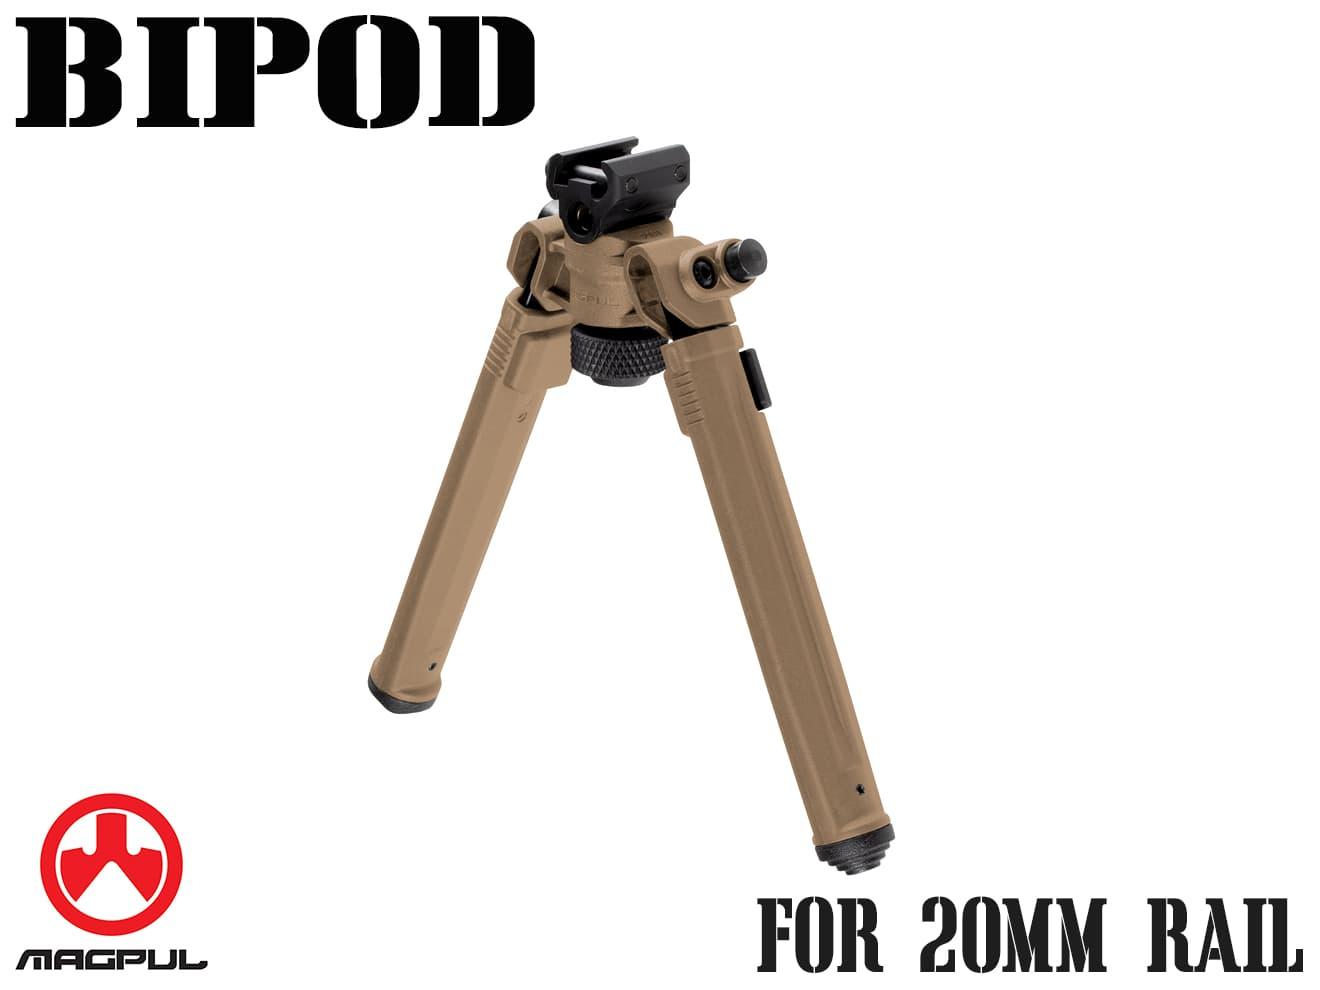 Magpul バイポッド for 20mmレール◆FDE マグプル正規品 20mmレイル対応 ポジション7段階調整 丈夫 ロープロファイル スリック MA558490313